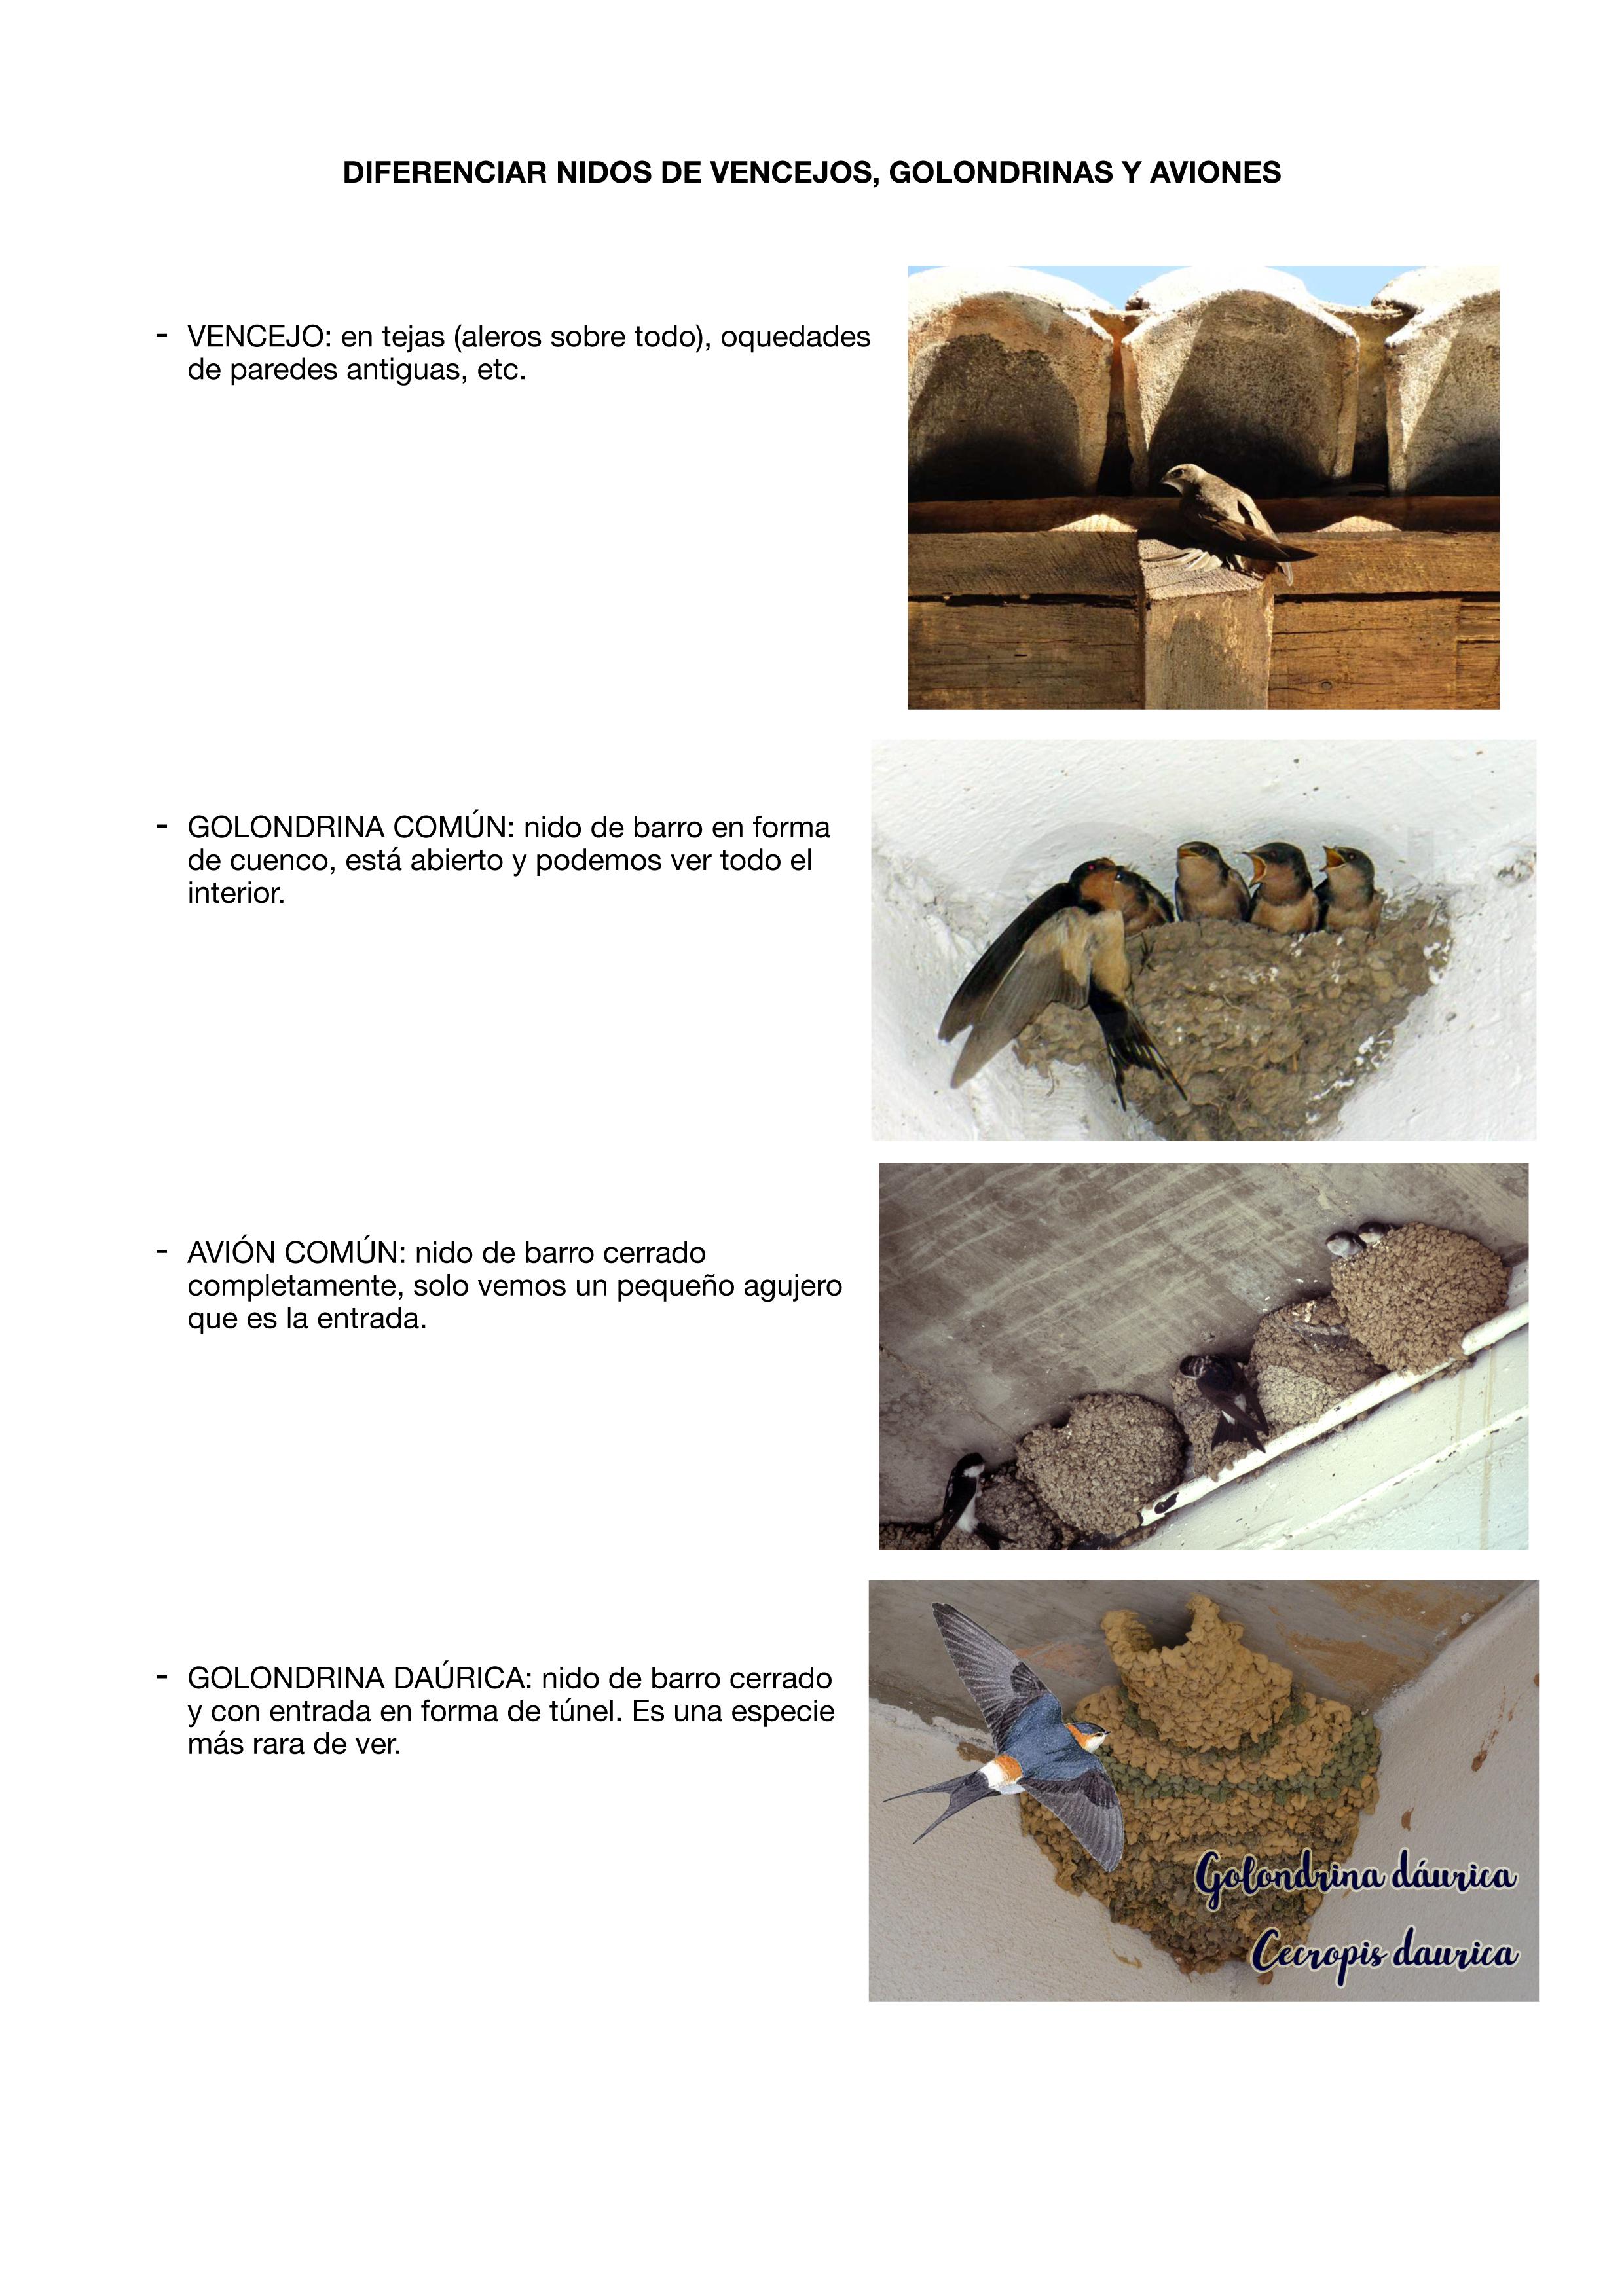 Los distintos tipos de las aves urbanas. Imagen: SOS Vencejos / Anida Yecla